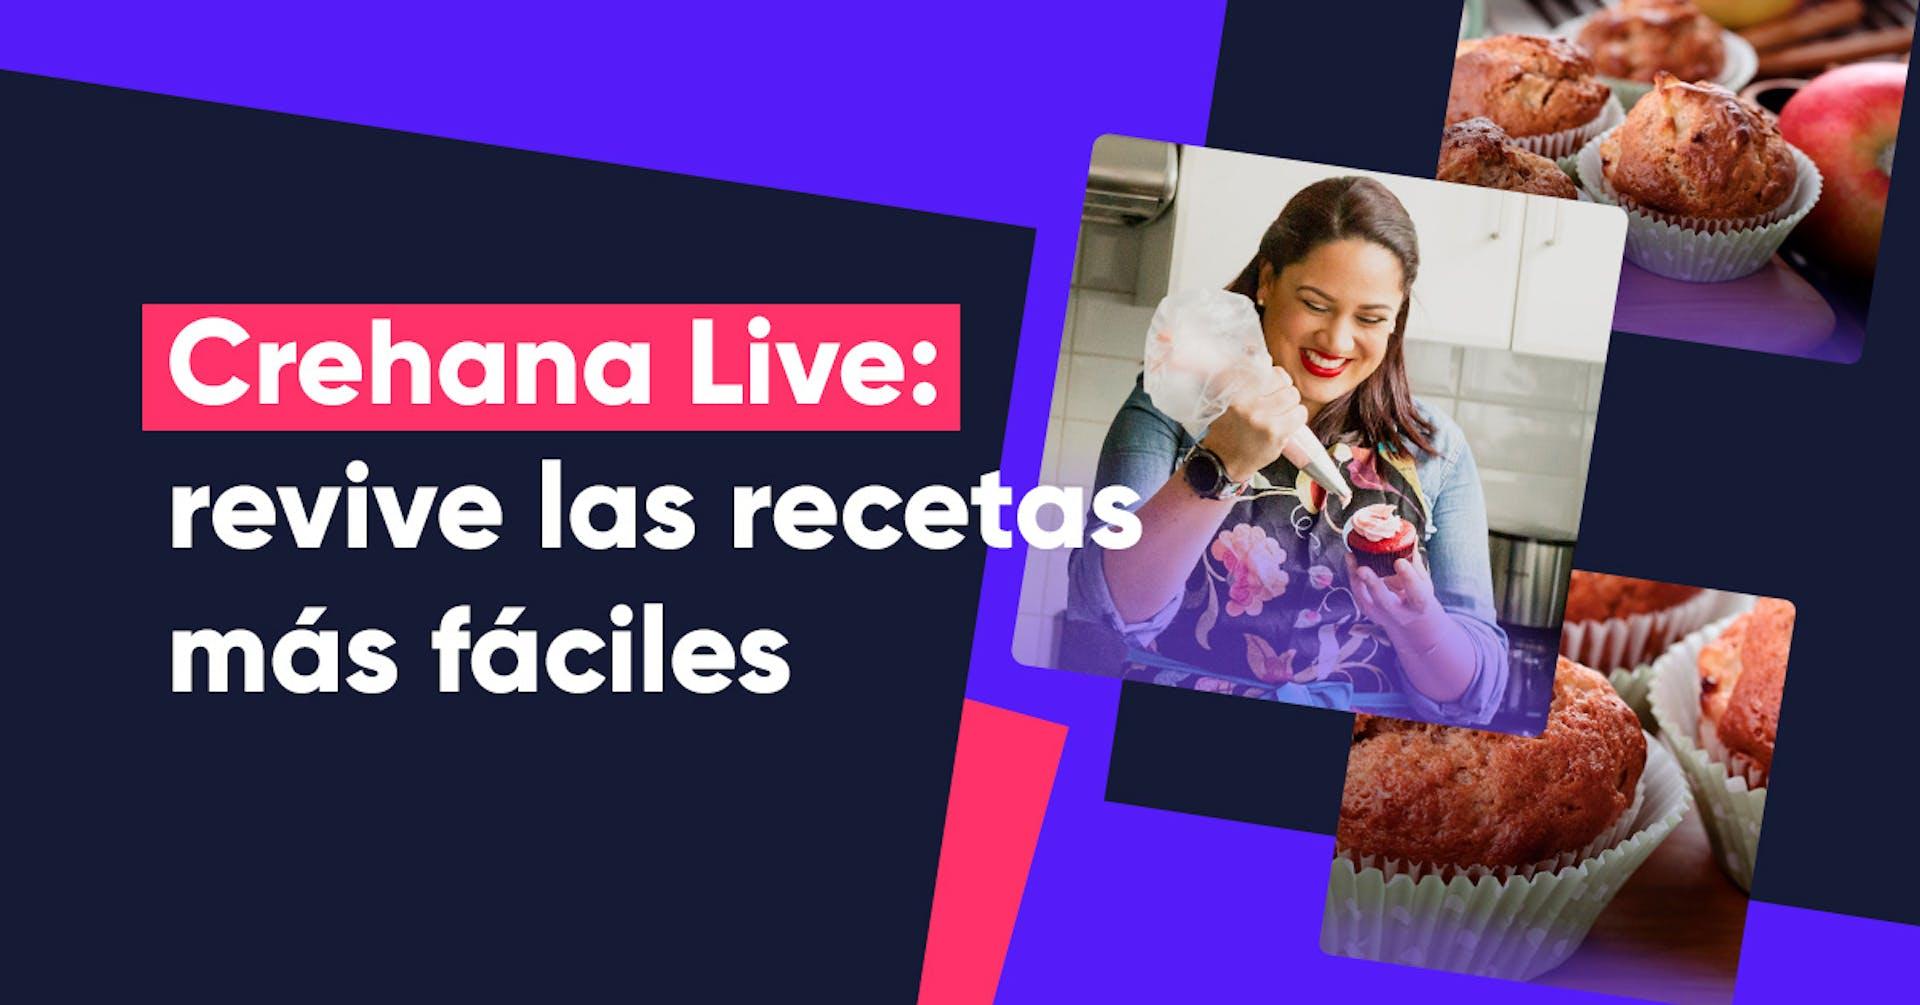 Crehana Live: Revive las recetas más fáciles